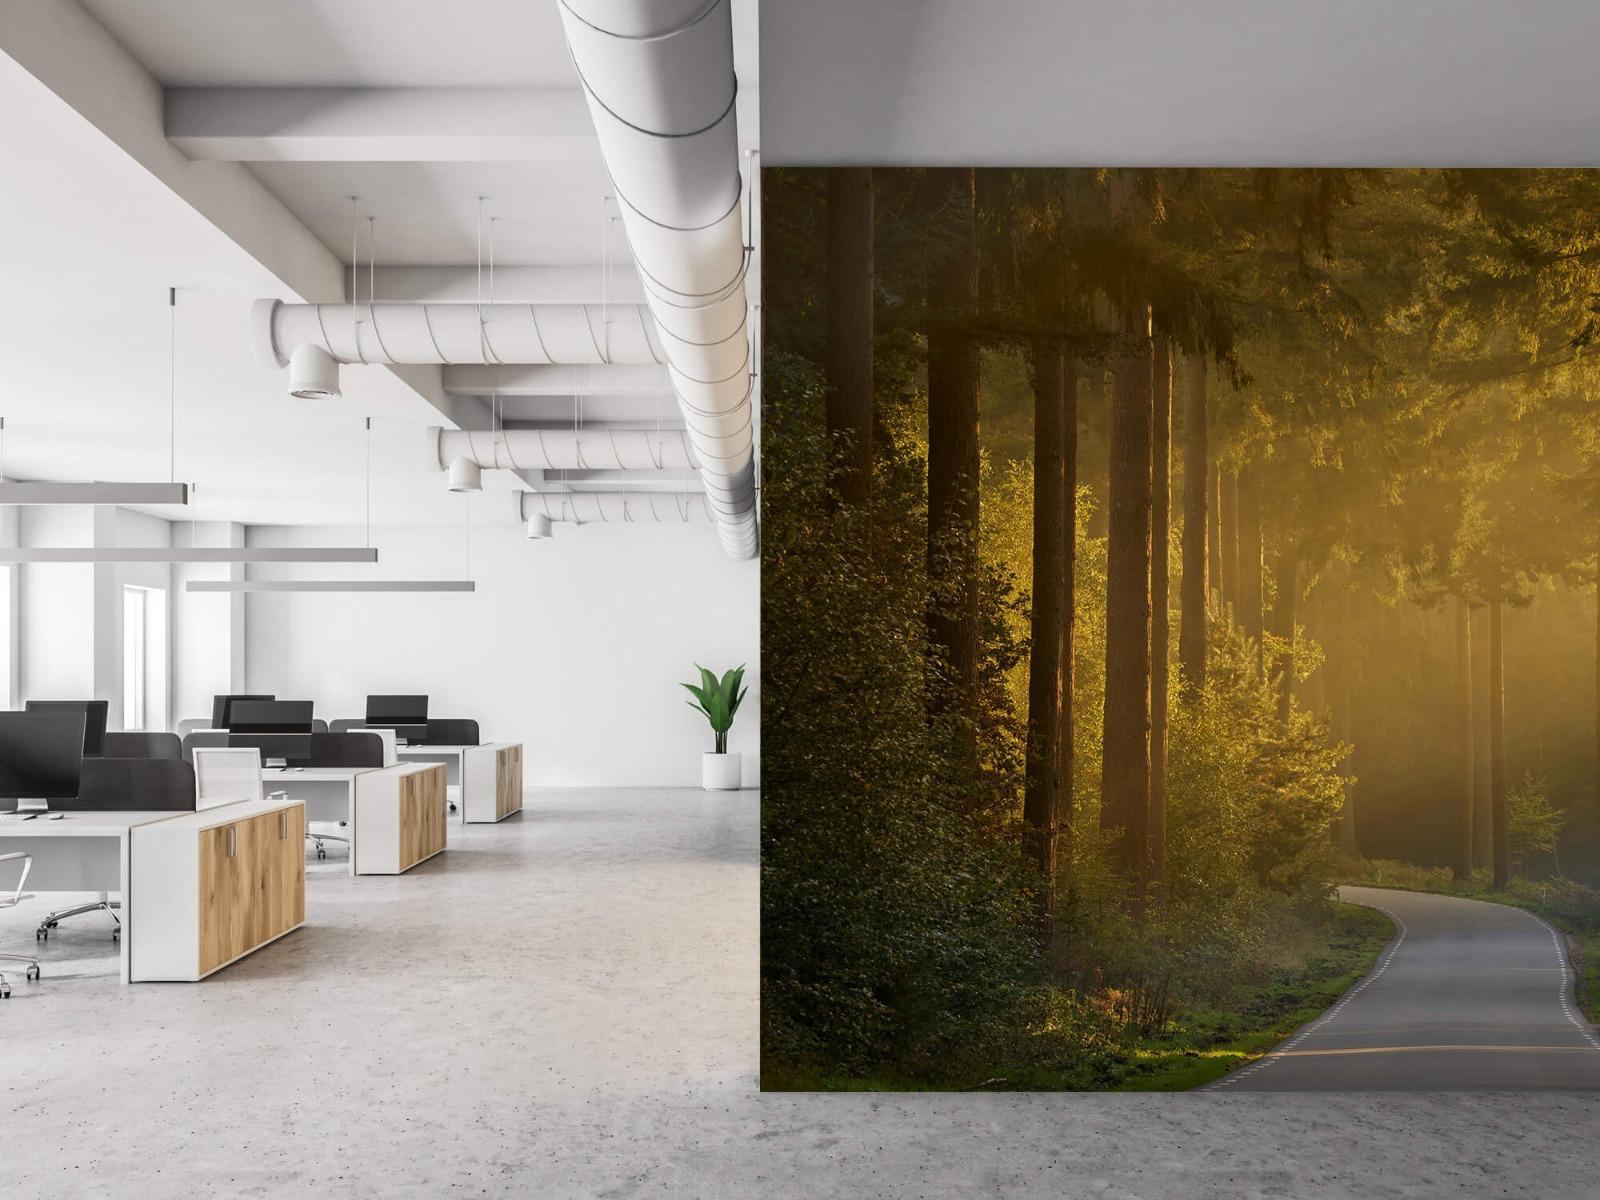 Natuur - Zonsopkomst bij weg door het bos 21